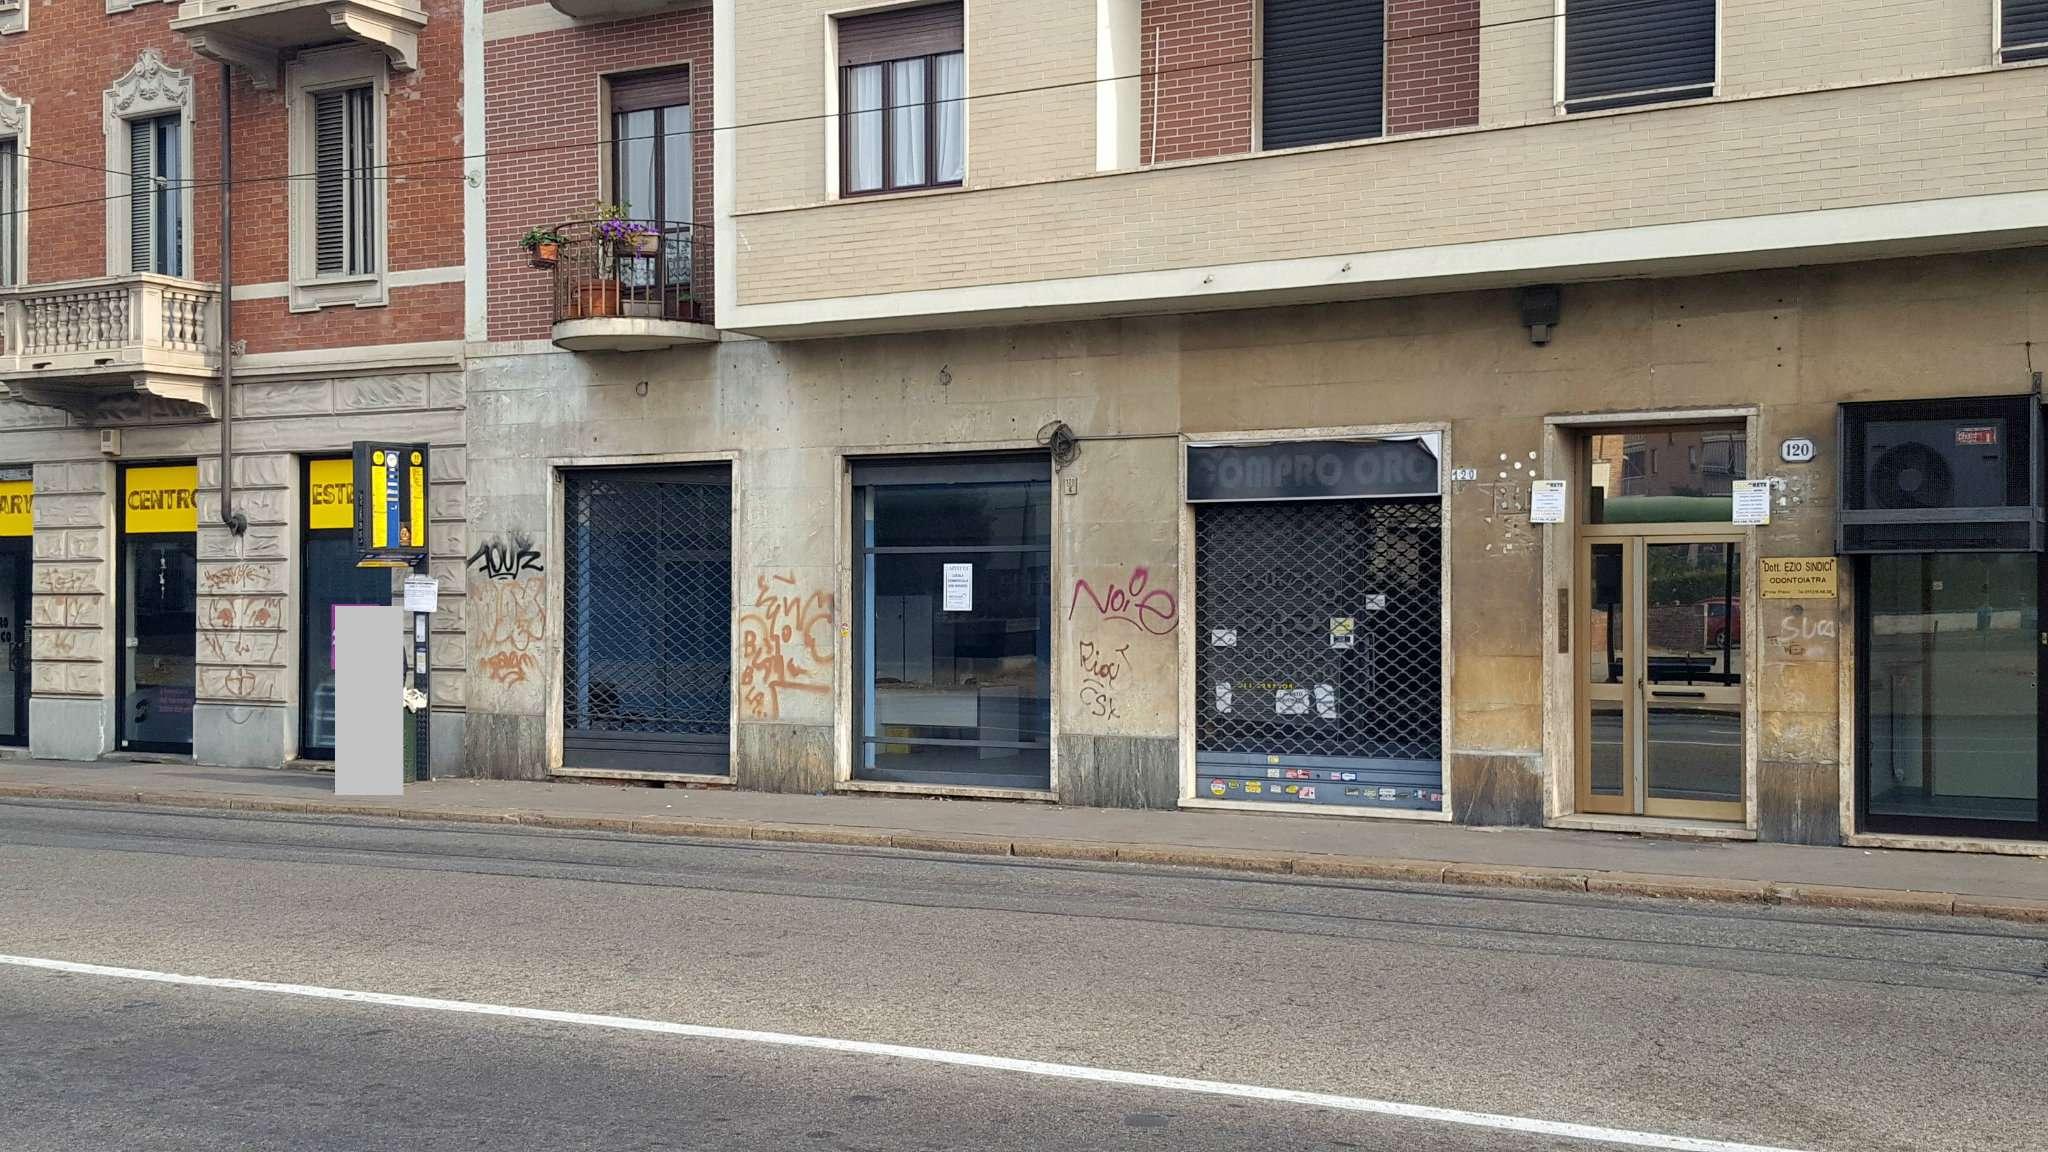 Negozio in affitto Zona Madonna di Campagna, Borgo Vittoria... - via Stradella 120 Torino